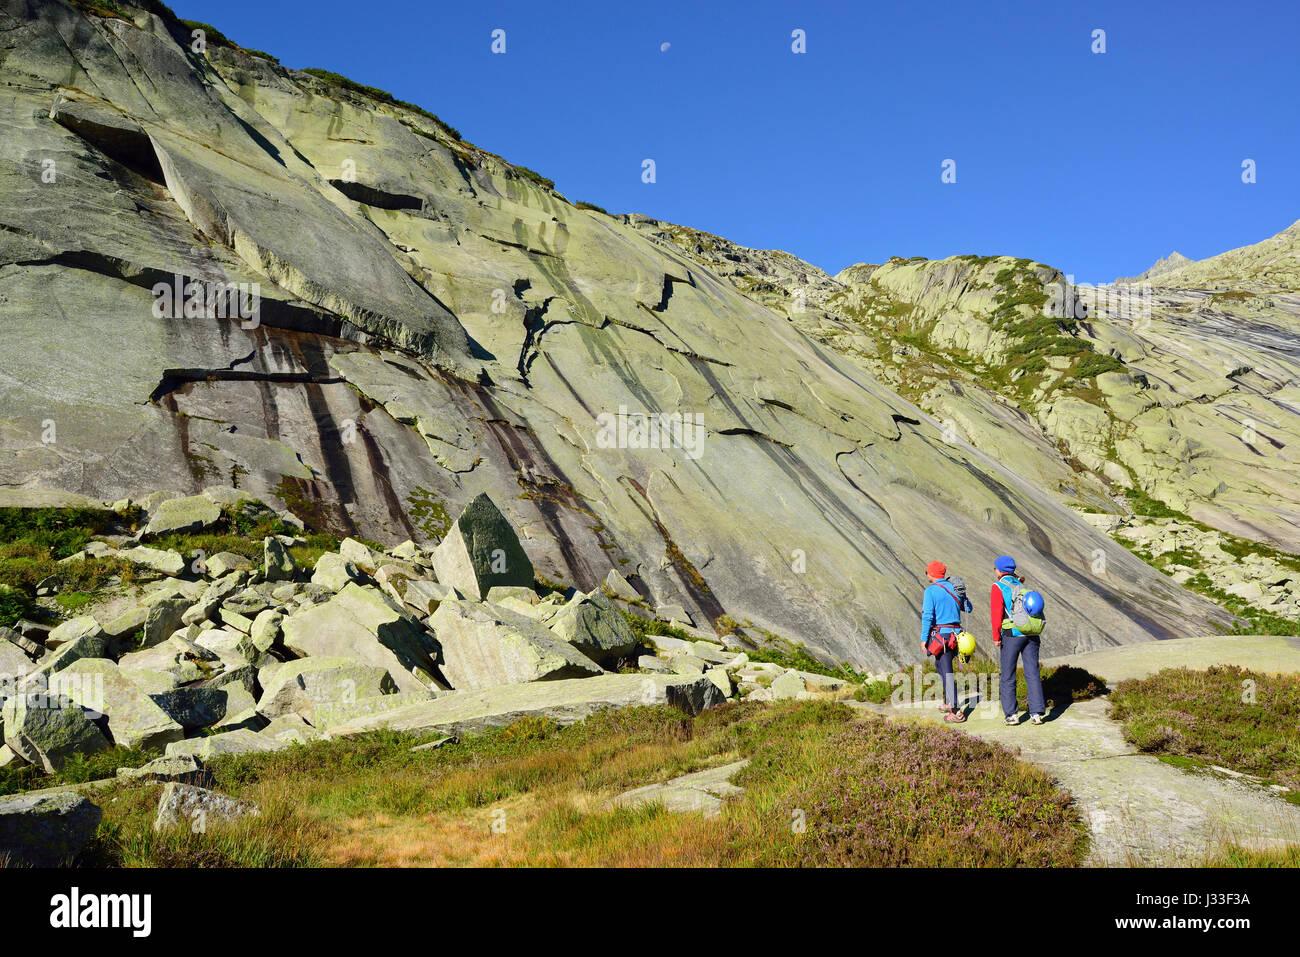 Kletterausrüstung Kaufen Schweiz : Kletterausrüstung schweiz sean villanueva odriscoll petzl team